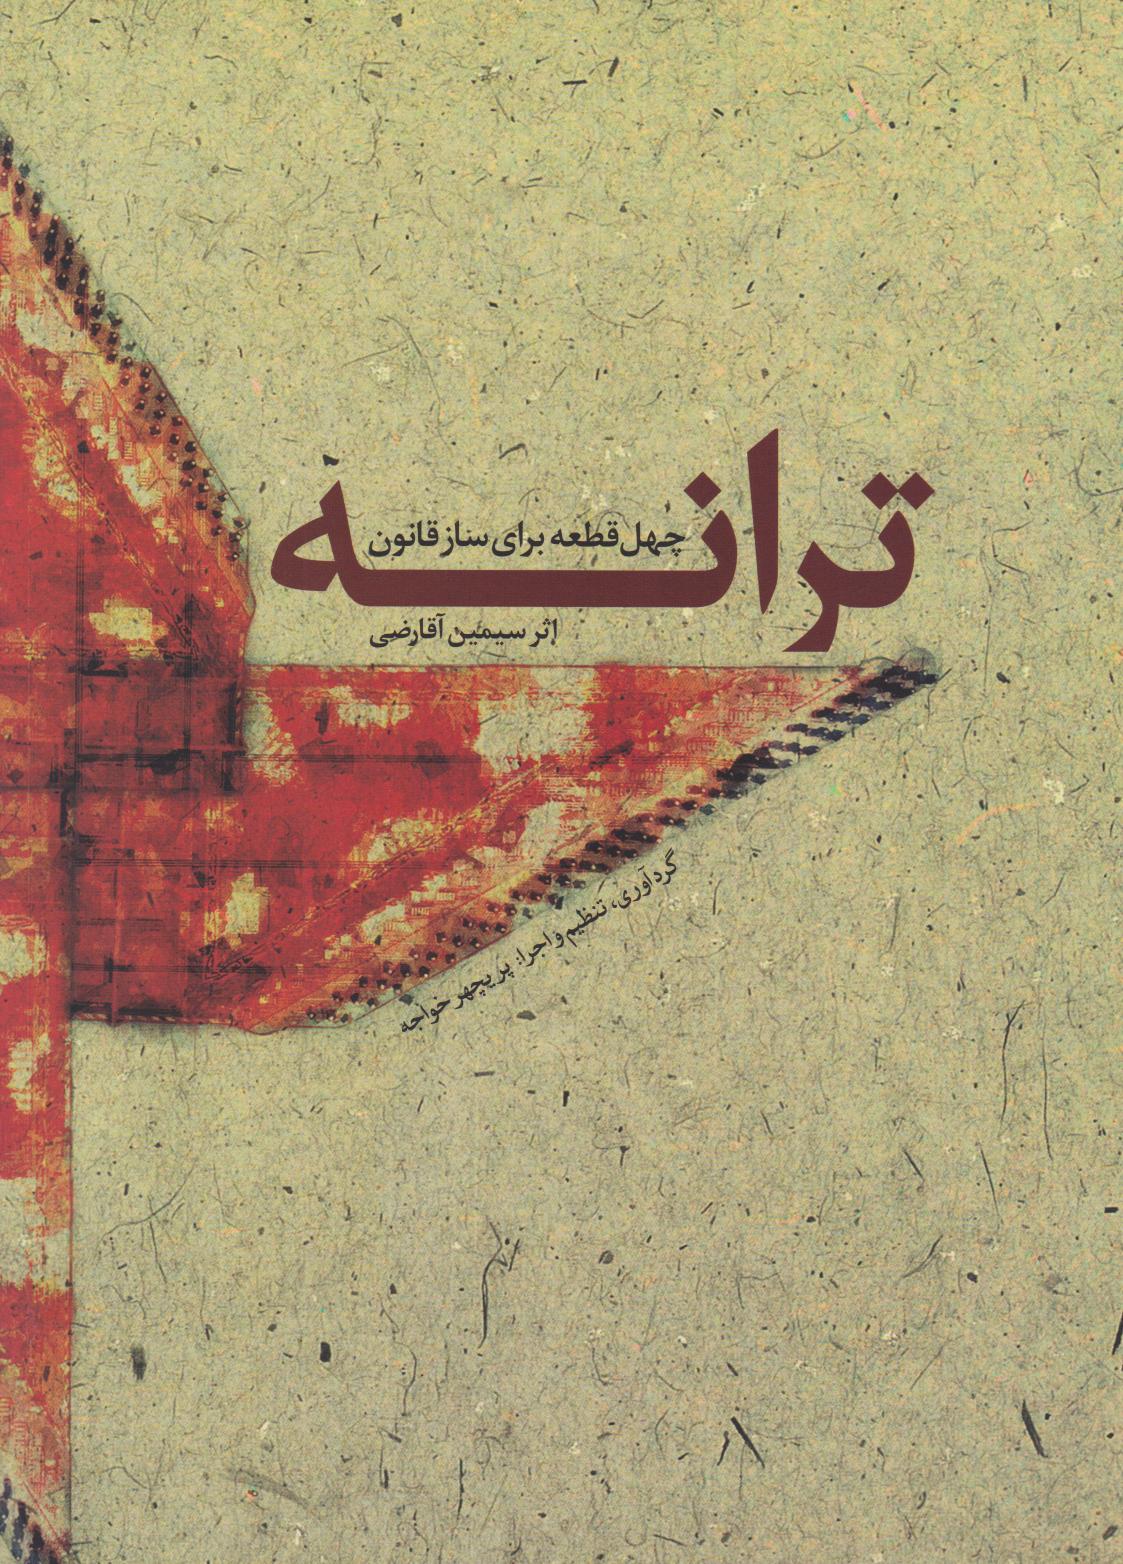 کتاب ترانه سیمین آقارضی انتشارات ماهور